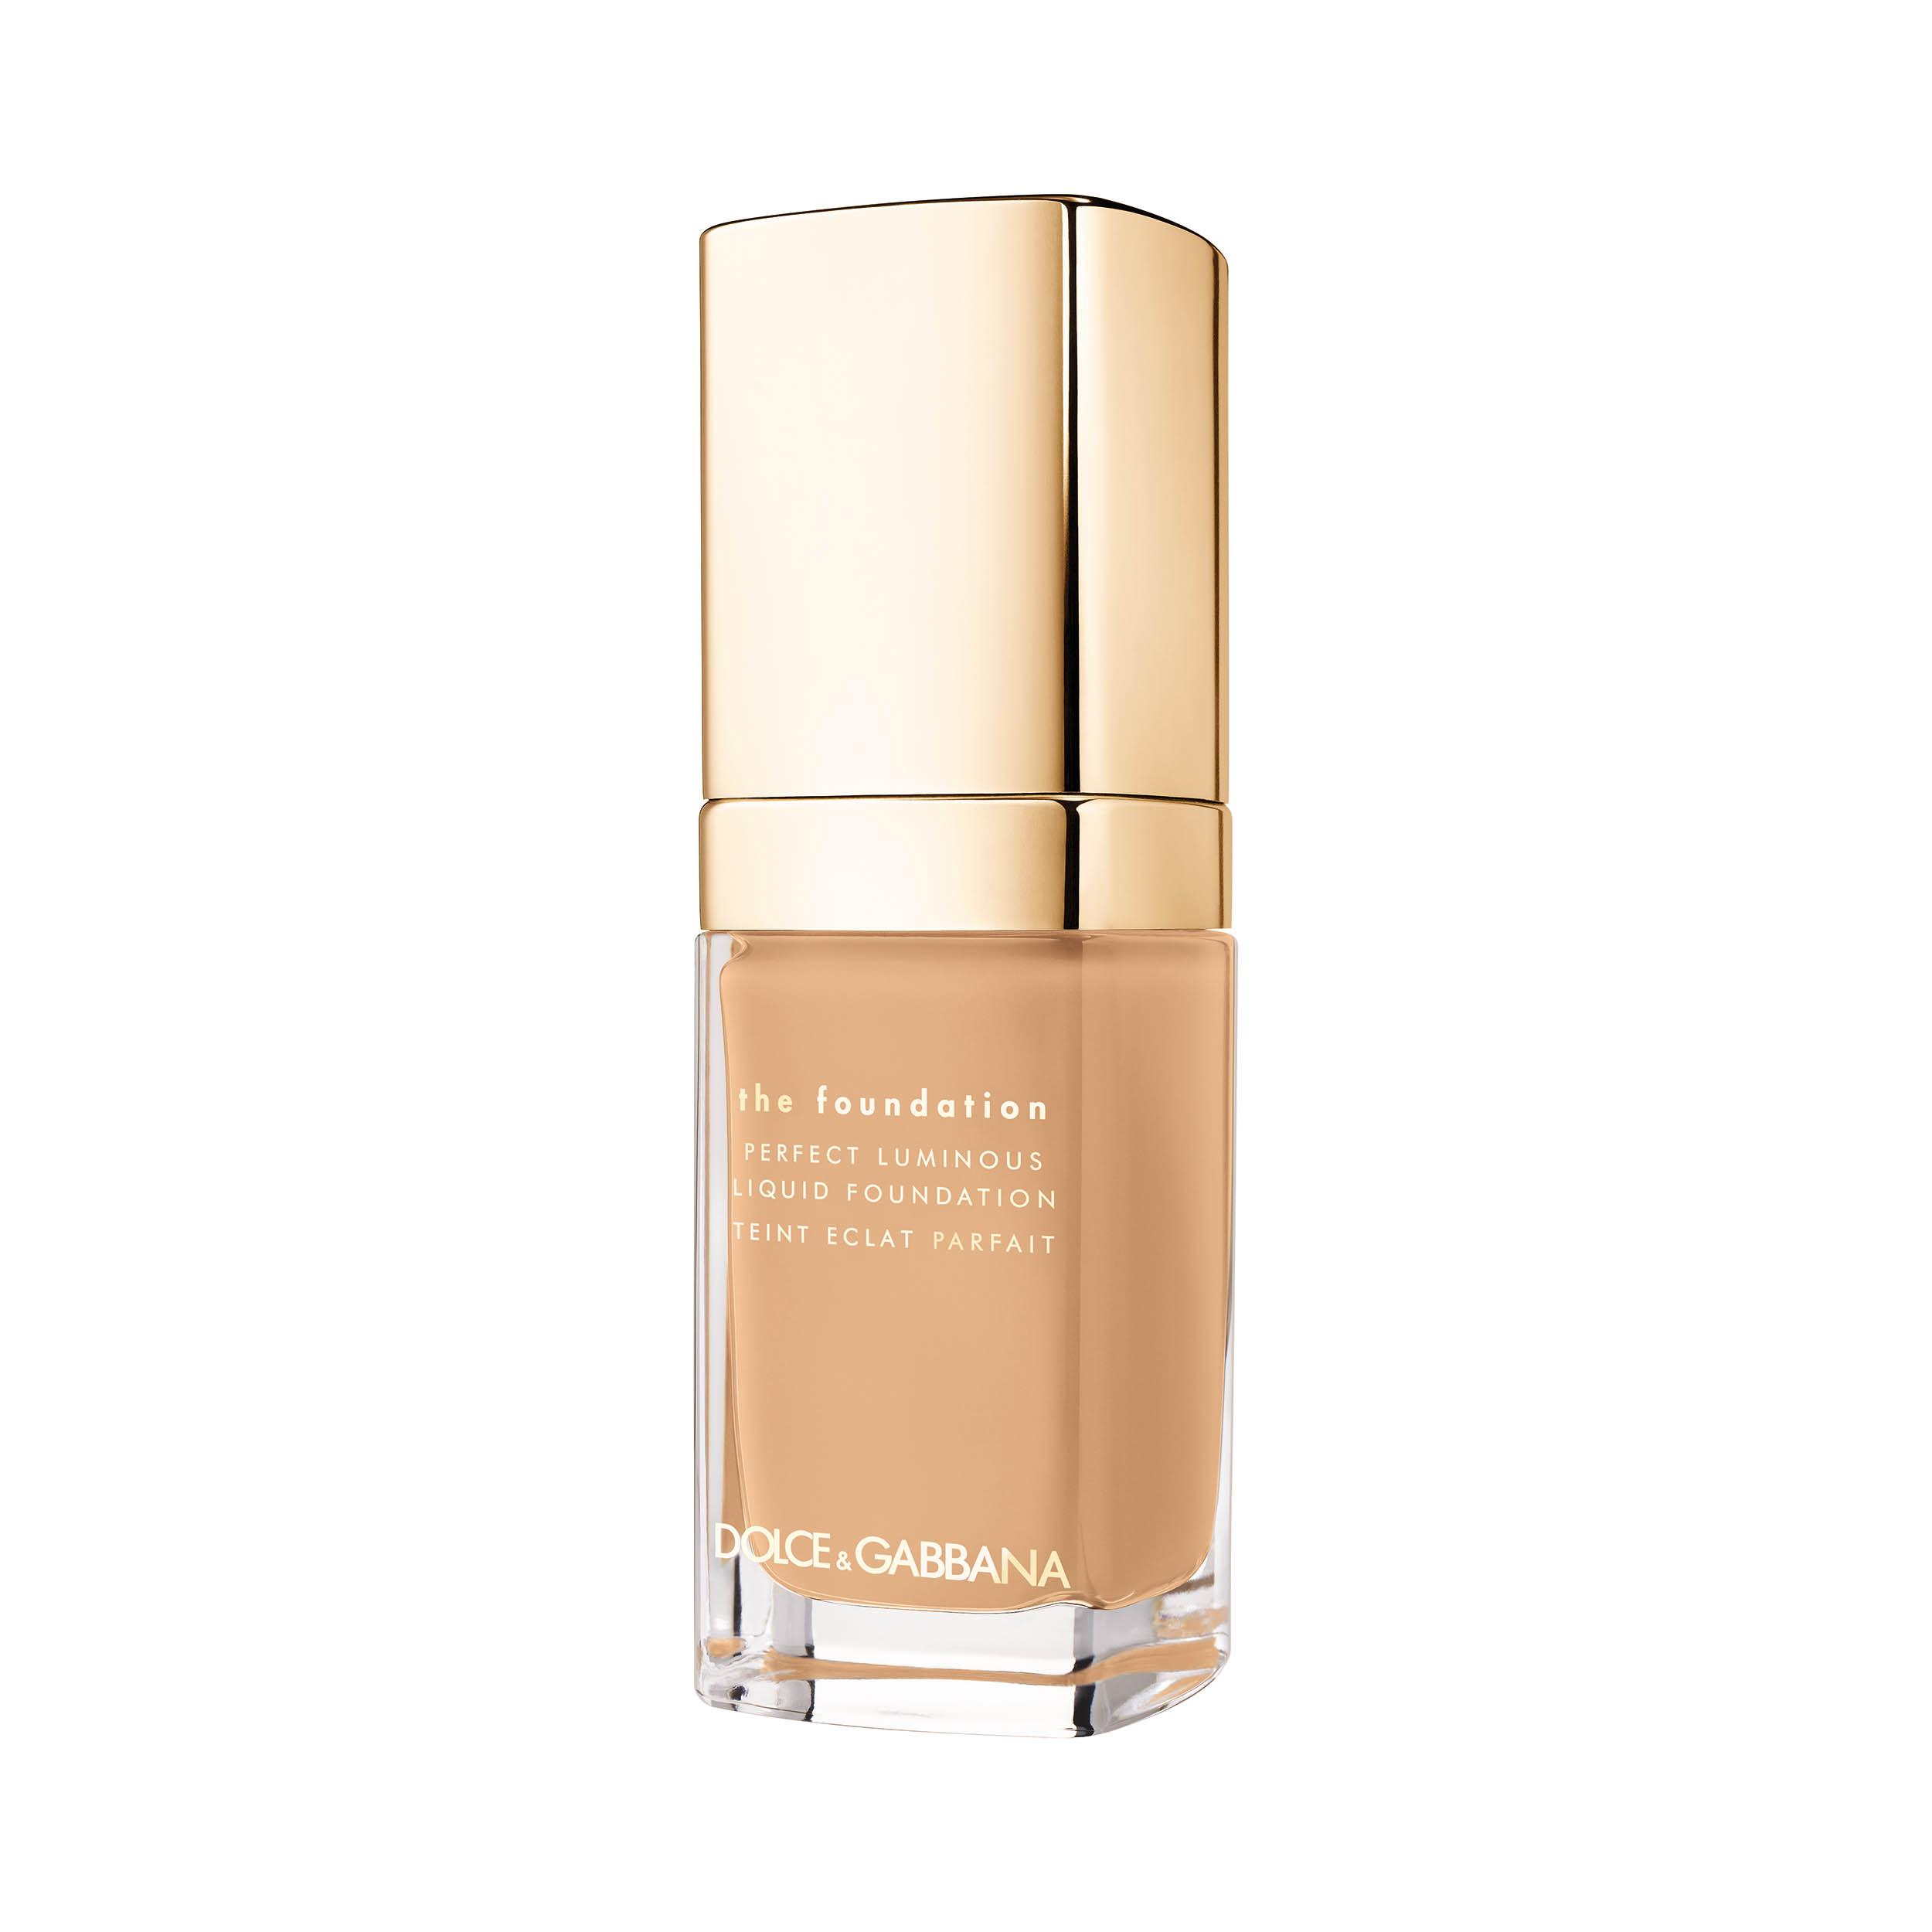 Dolce & Gabbana Perfect Luminous Liquid Foundation Тональный крем